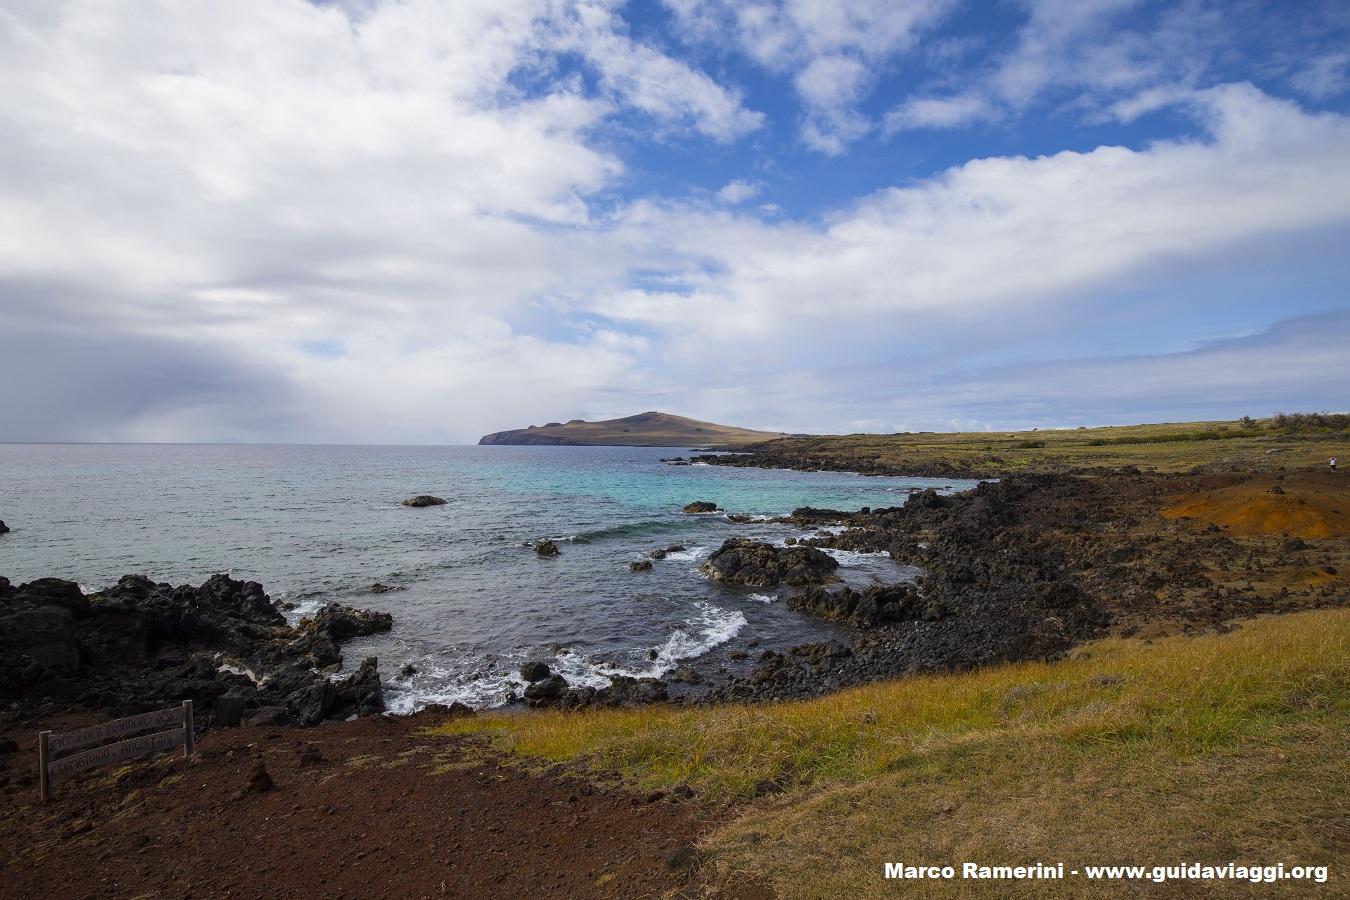 La costa settentrionale dell'isola vista da Ovahe, Isola di Pasqua, Cile. Autore e Copyright Marco Ramerini,.